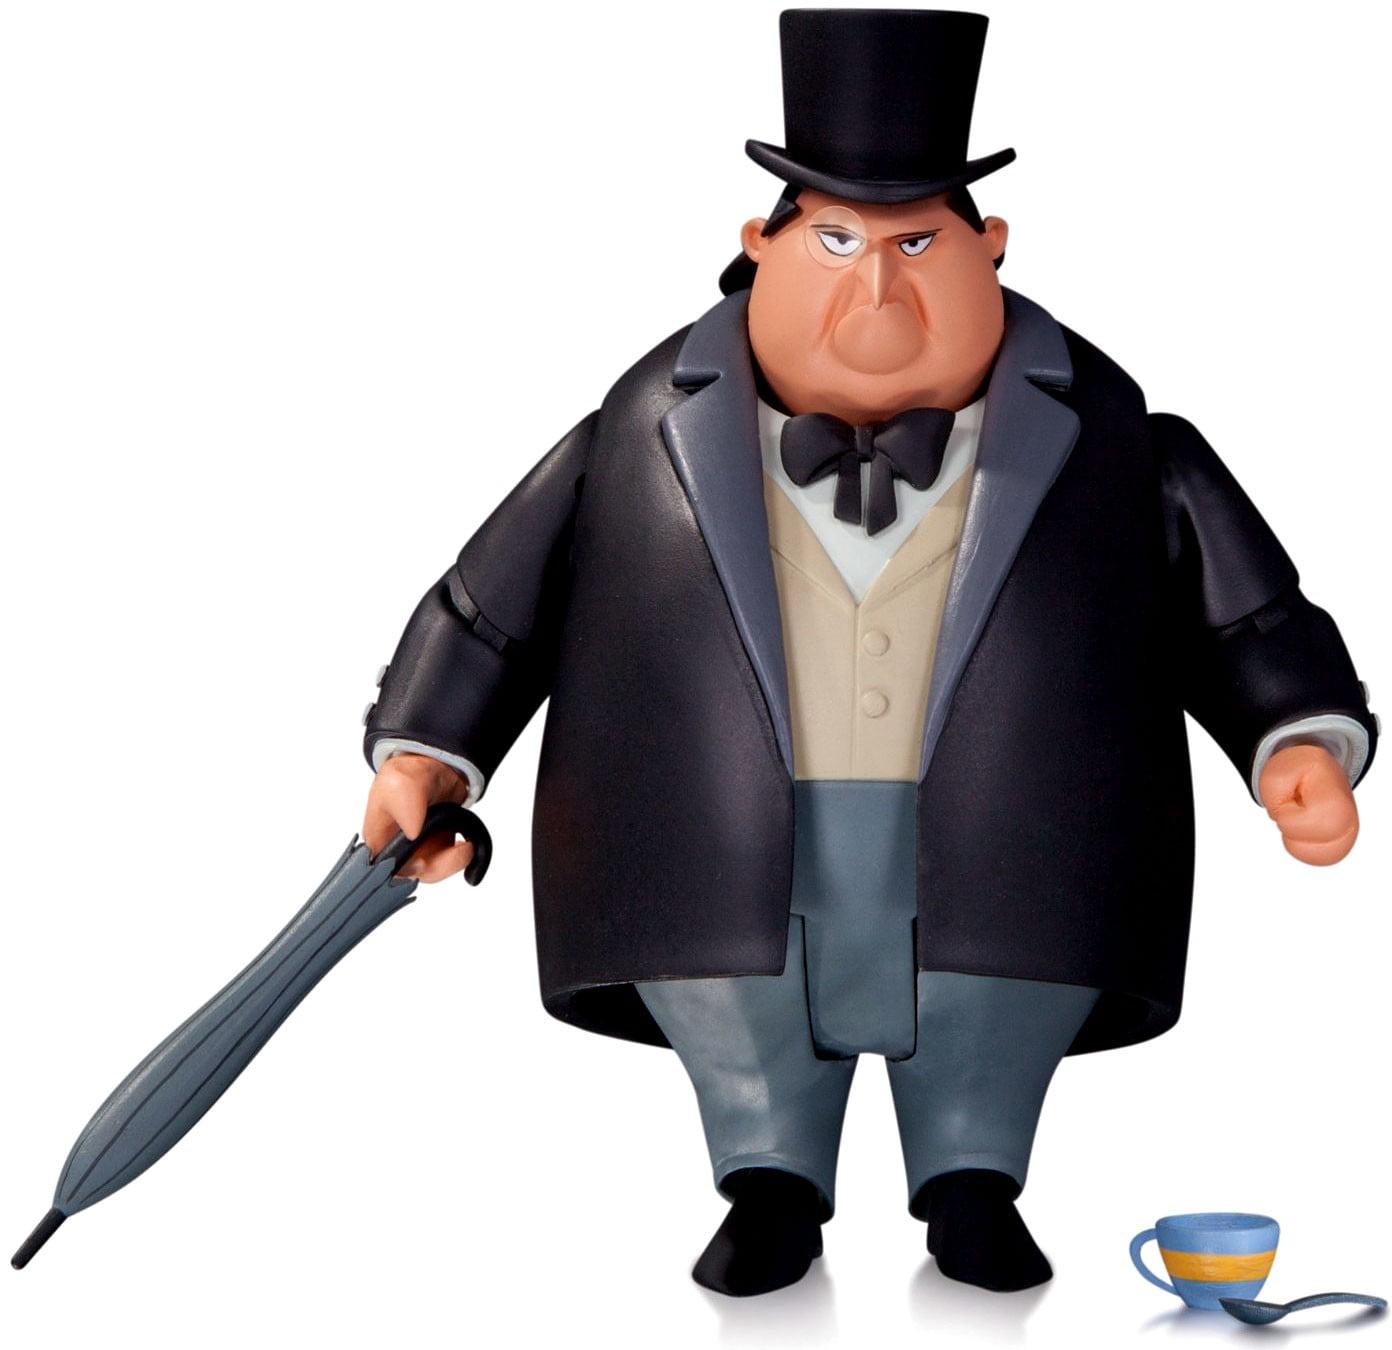 DC Comics Batman Animated Series: Penguin Action Figure by CSE Games